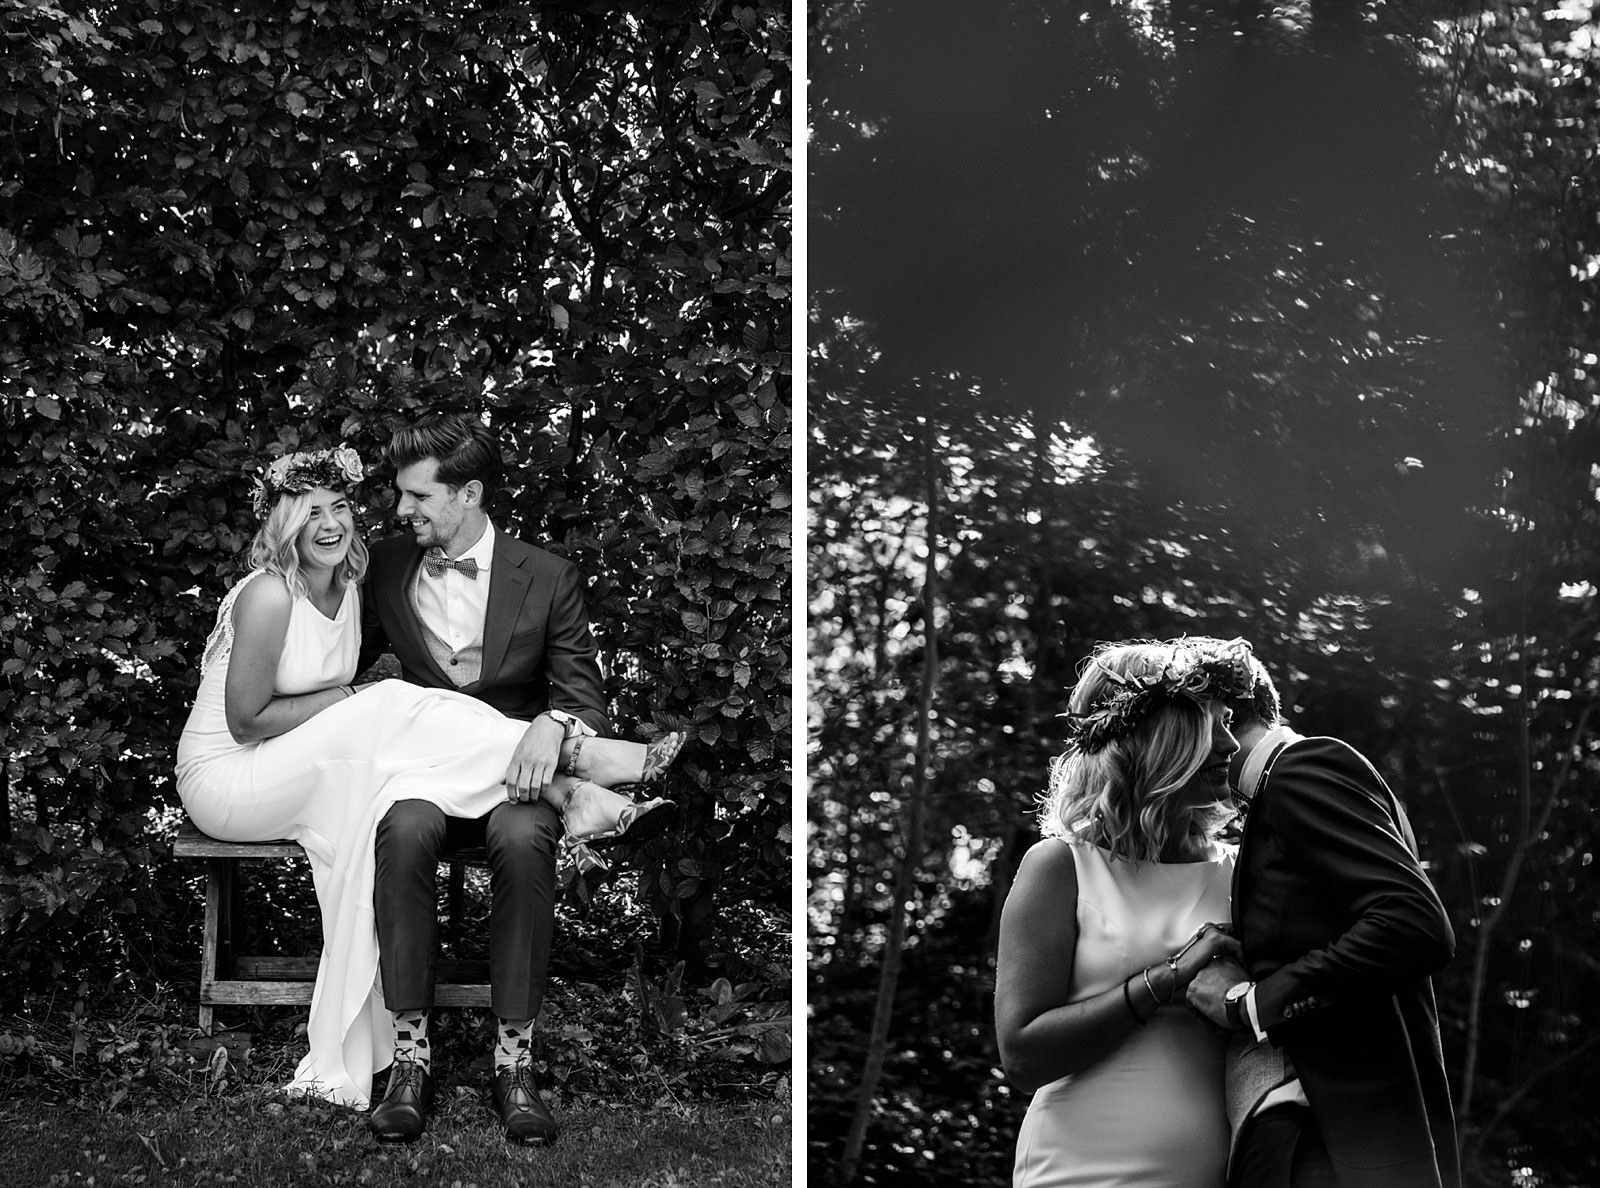 08-fotoshoot-bruidspaar-abcoude